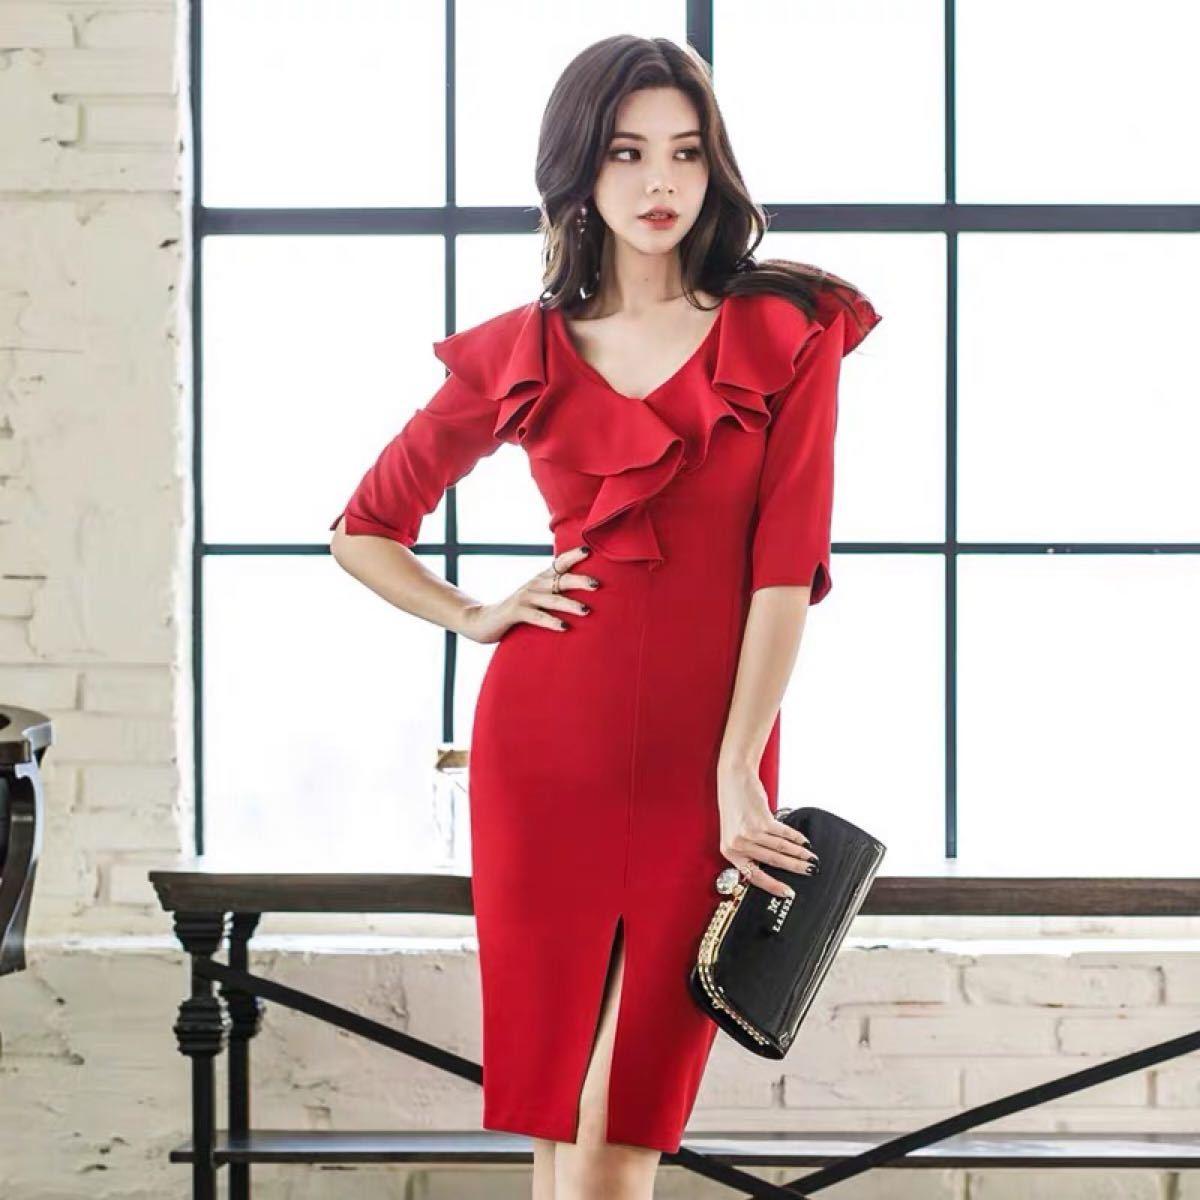 ワンピースドレス タイトワンピース 姫系  5分袖 膝丈韓国ファッションc708